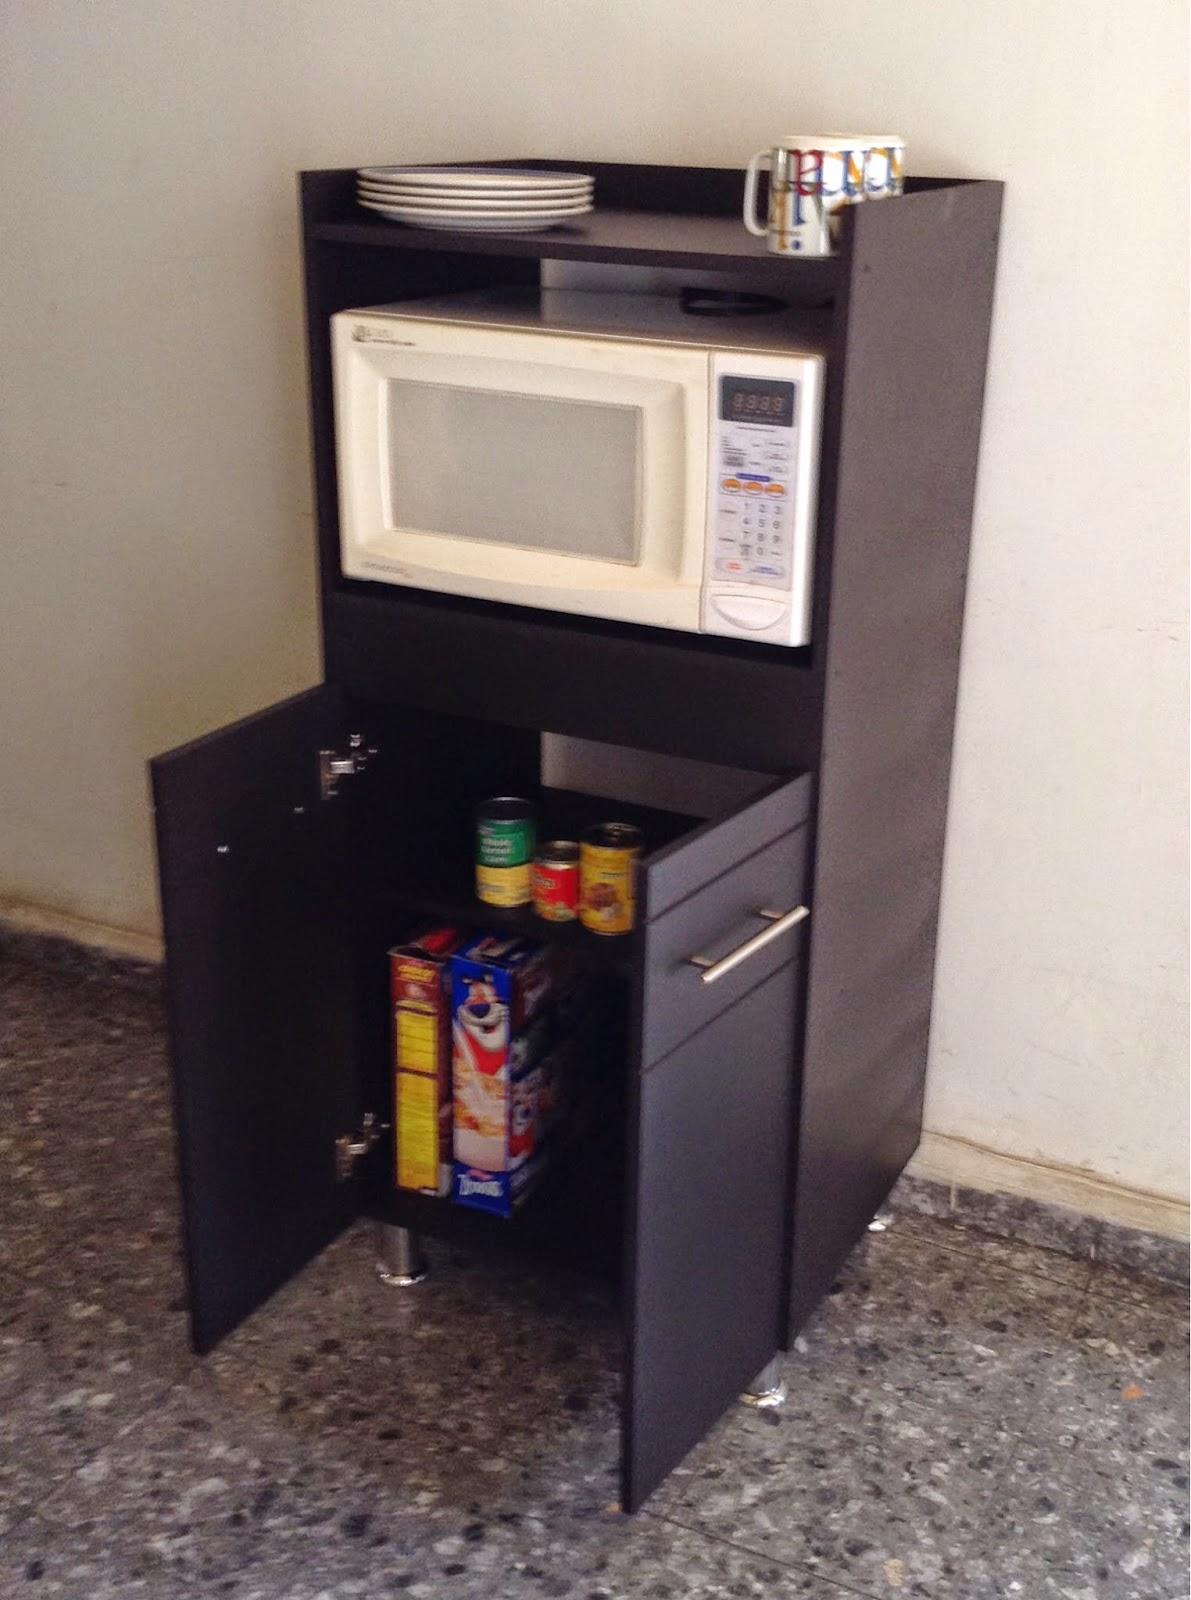 El outlet del gabinete gabinete de cocina con tarja y alacena for Muebles de cocina 25 cm